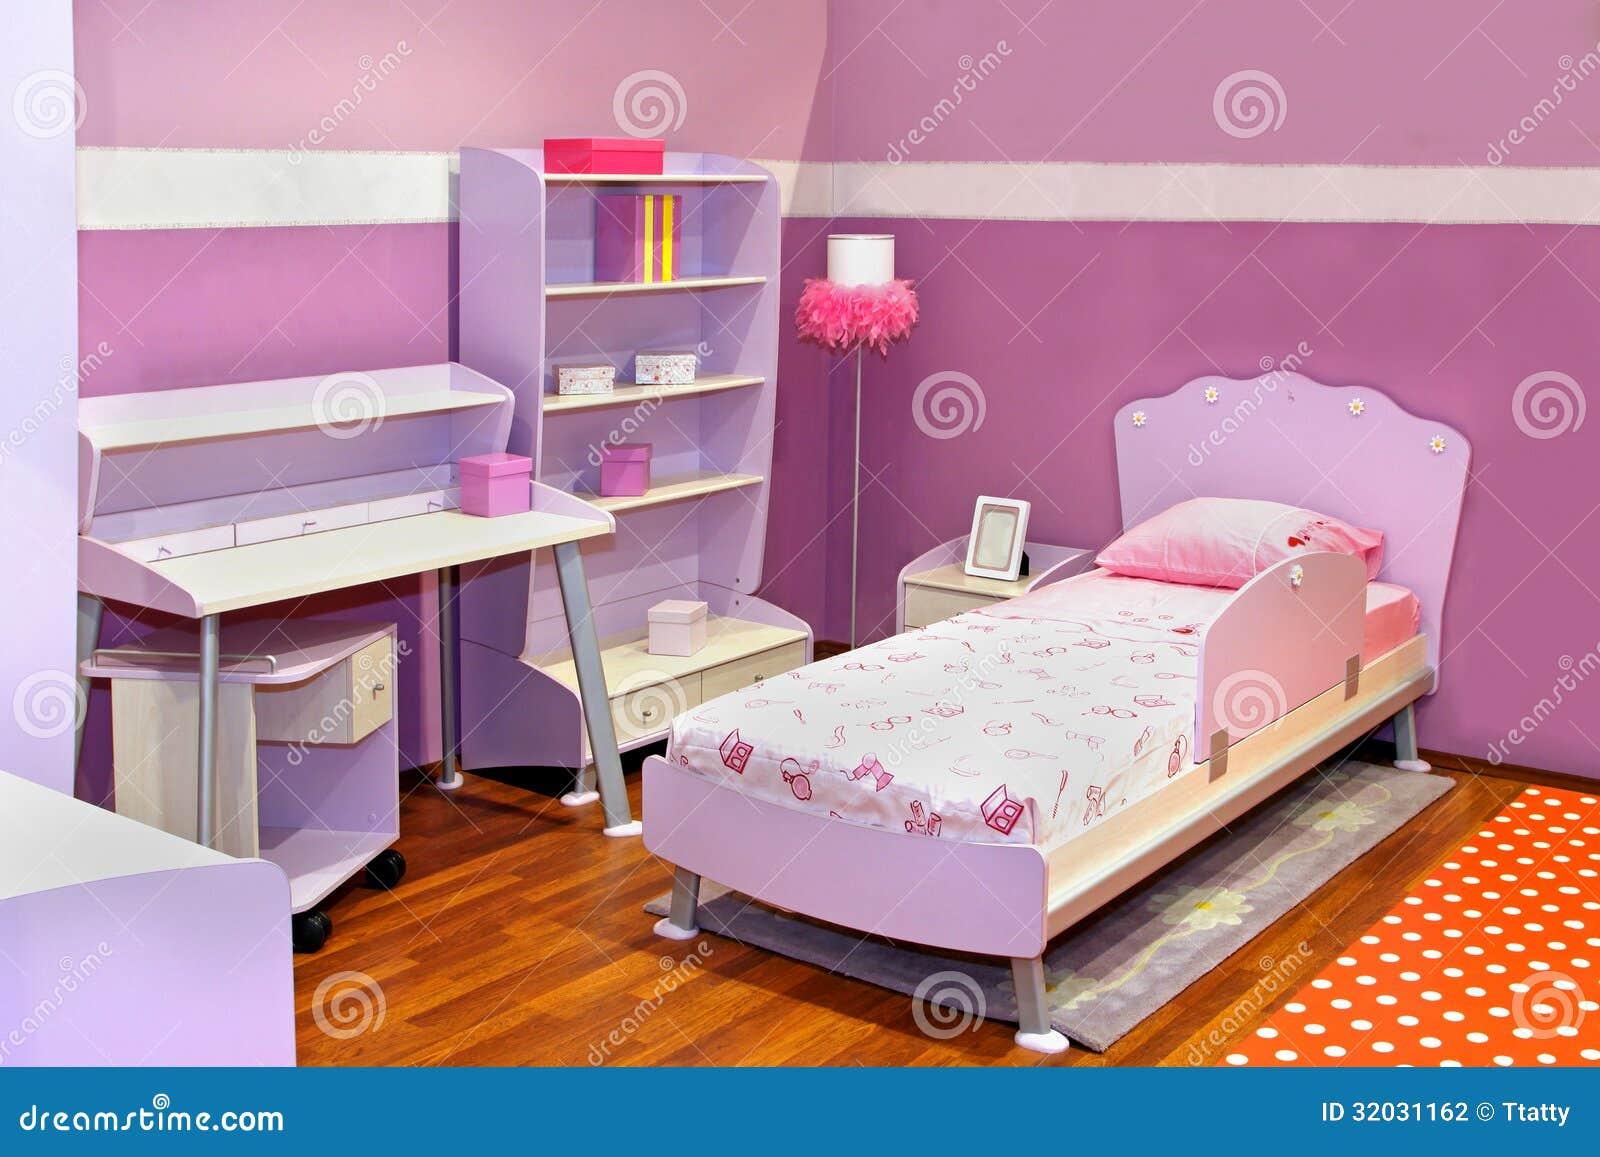 Camera da letto lilla della ragazza fotografia stock for Accessori camera da letto ragazza